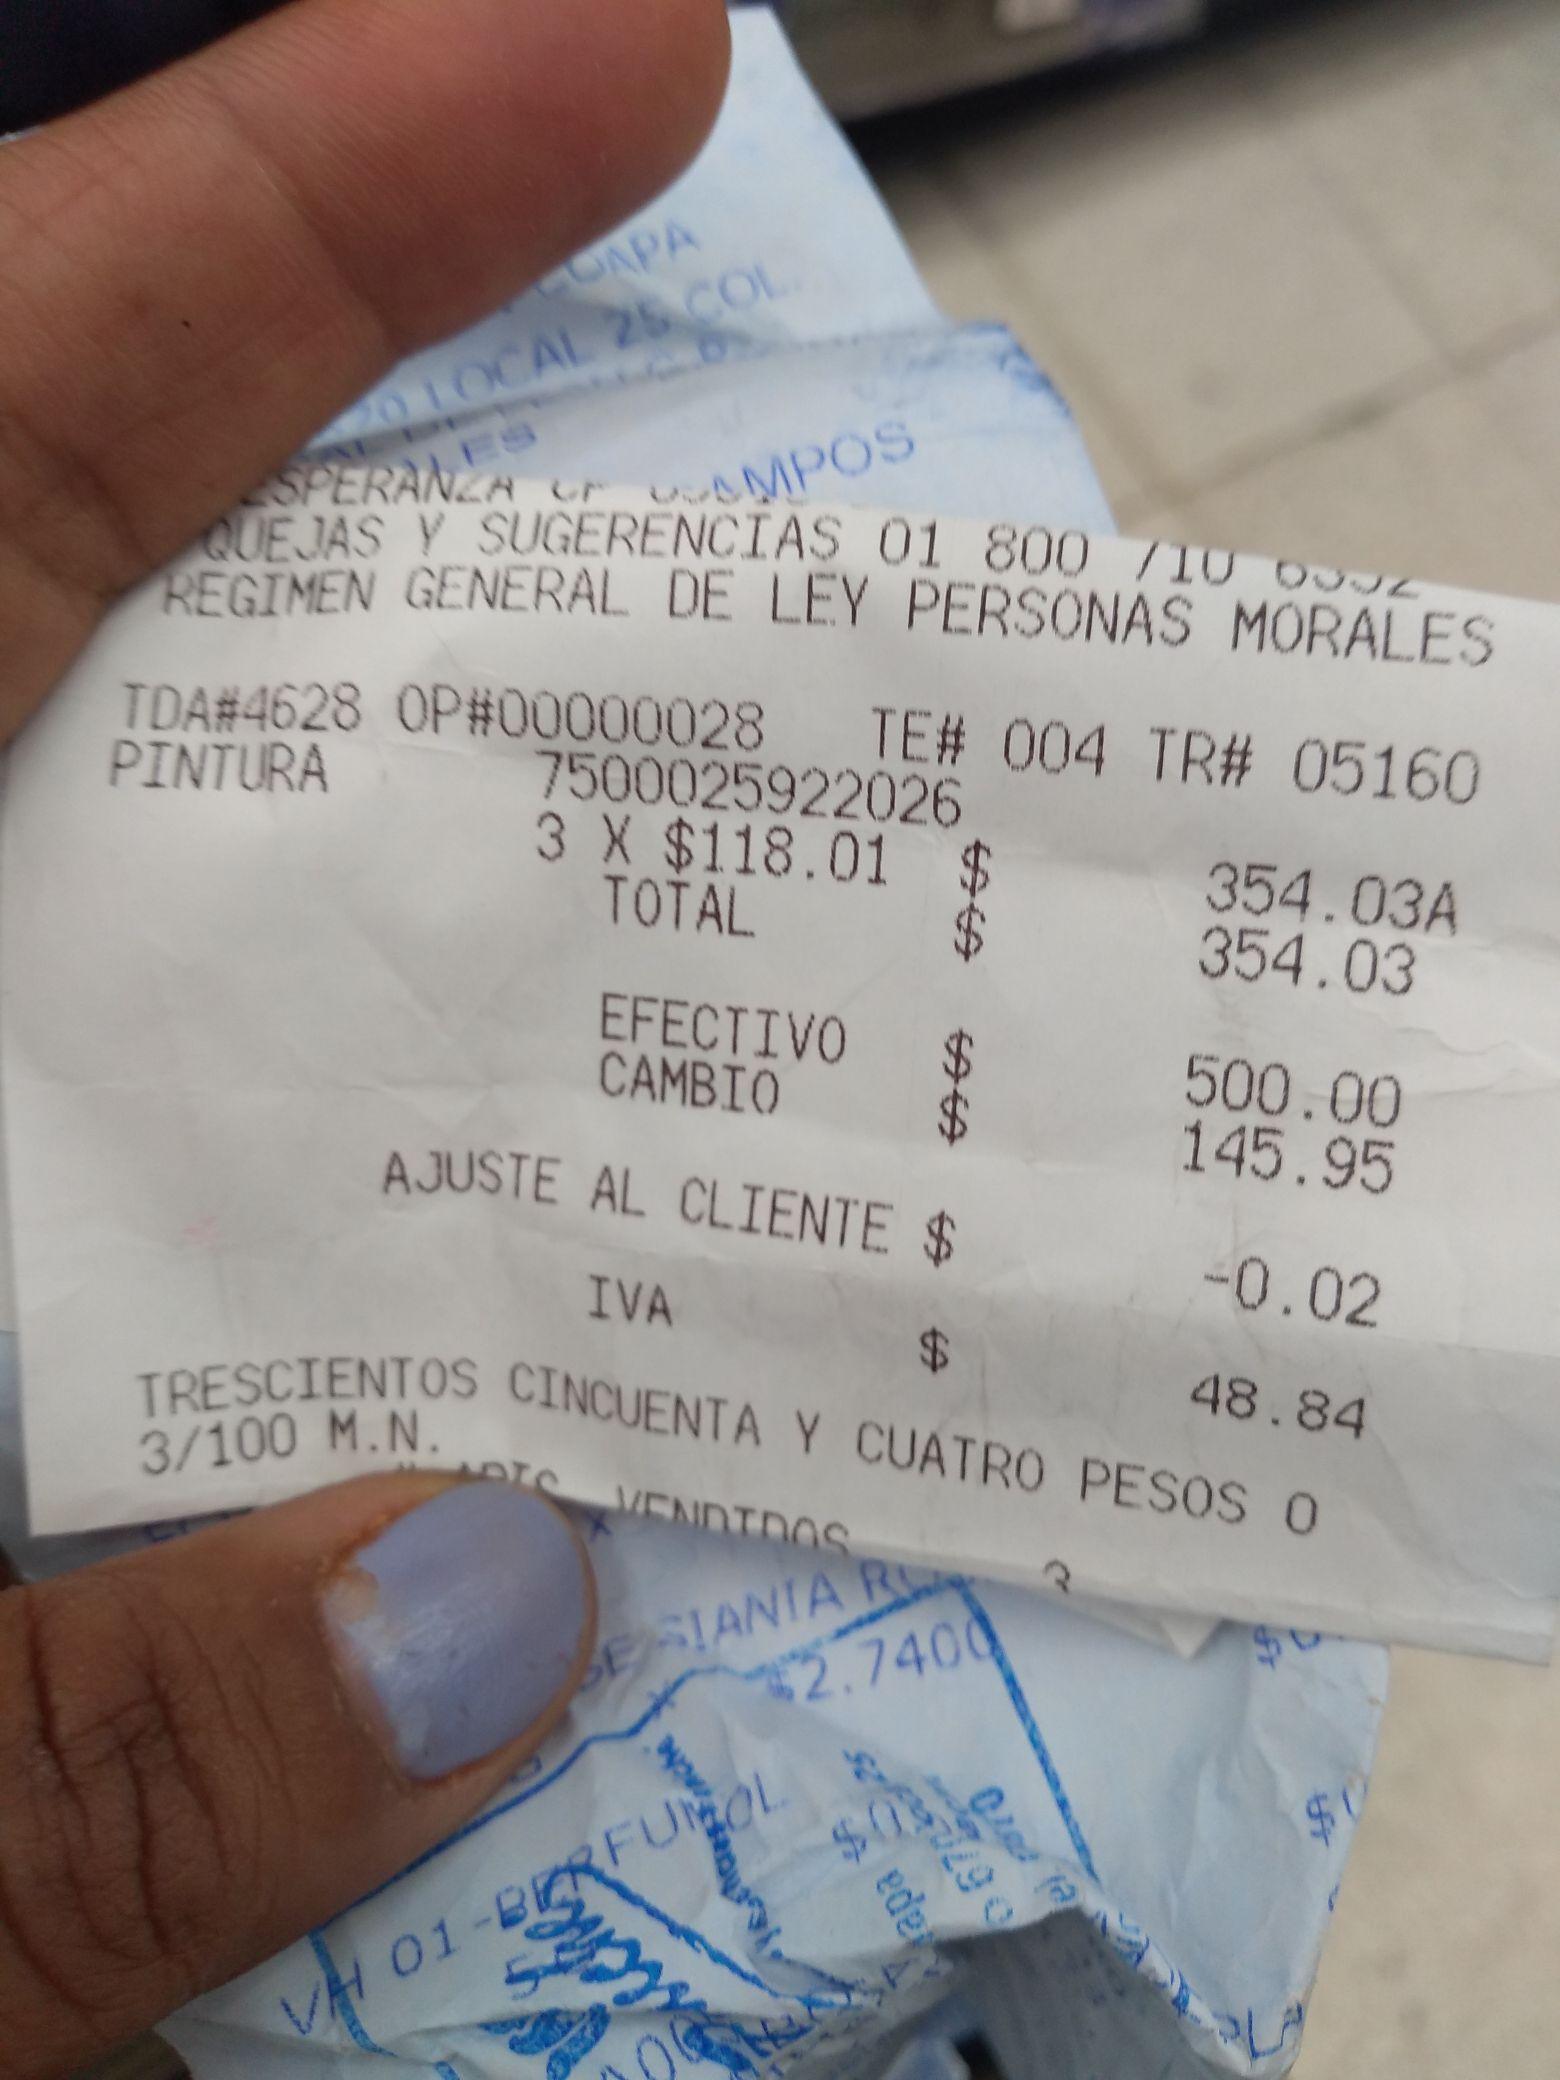 Walmart  Miramontes CDMX :pintura Meridian calidad 3 años : $118.01 cubeta 19 litros